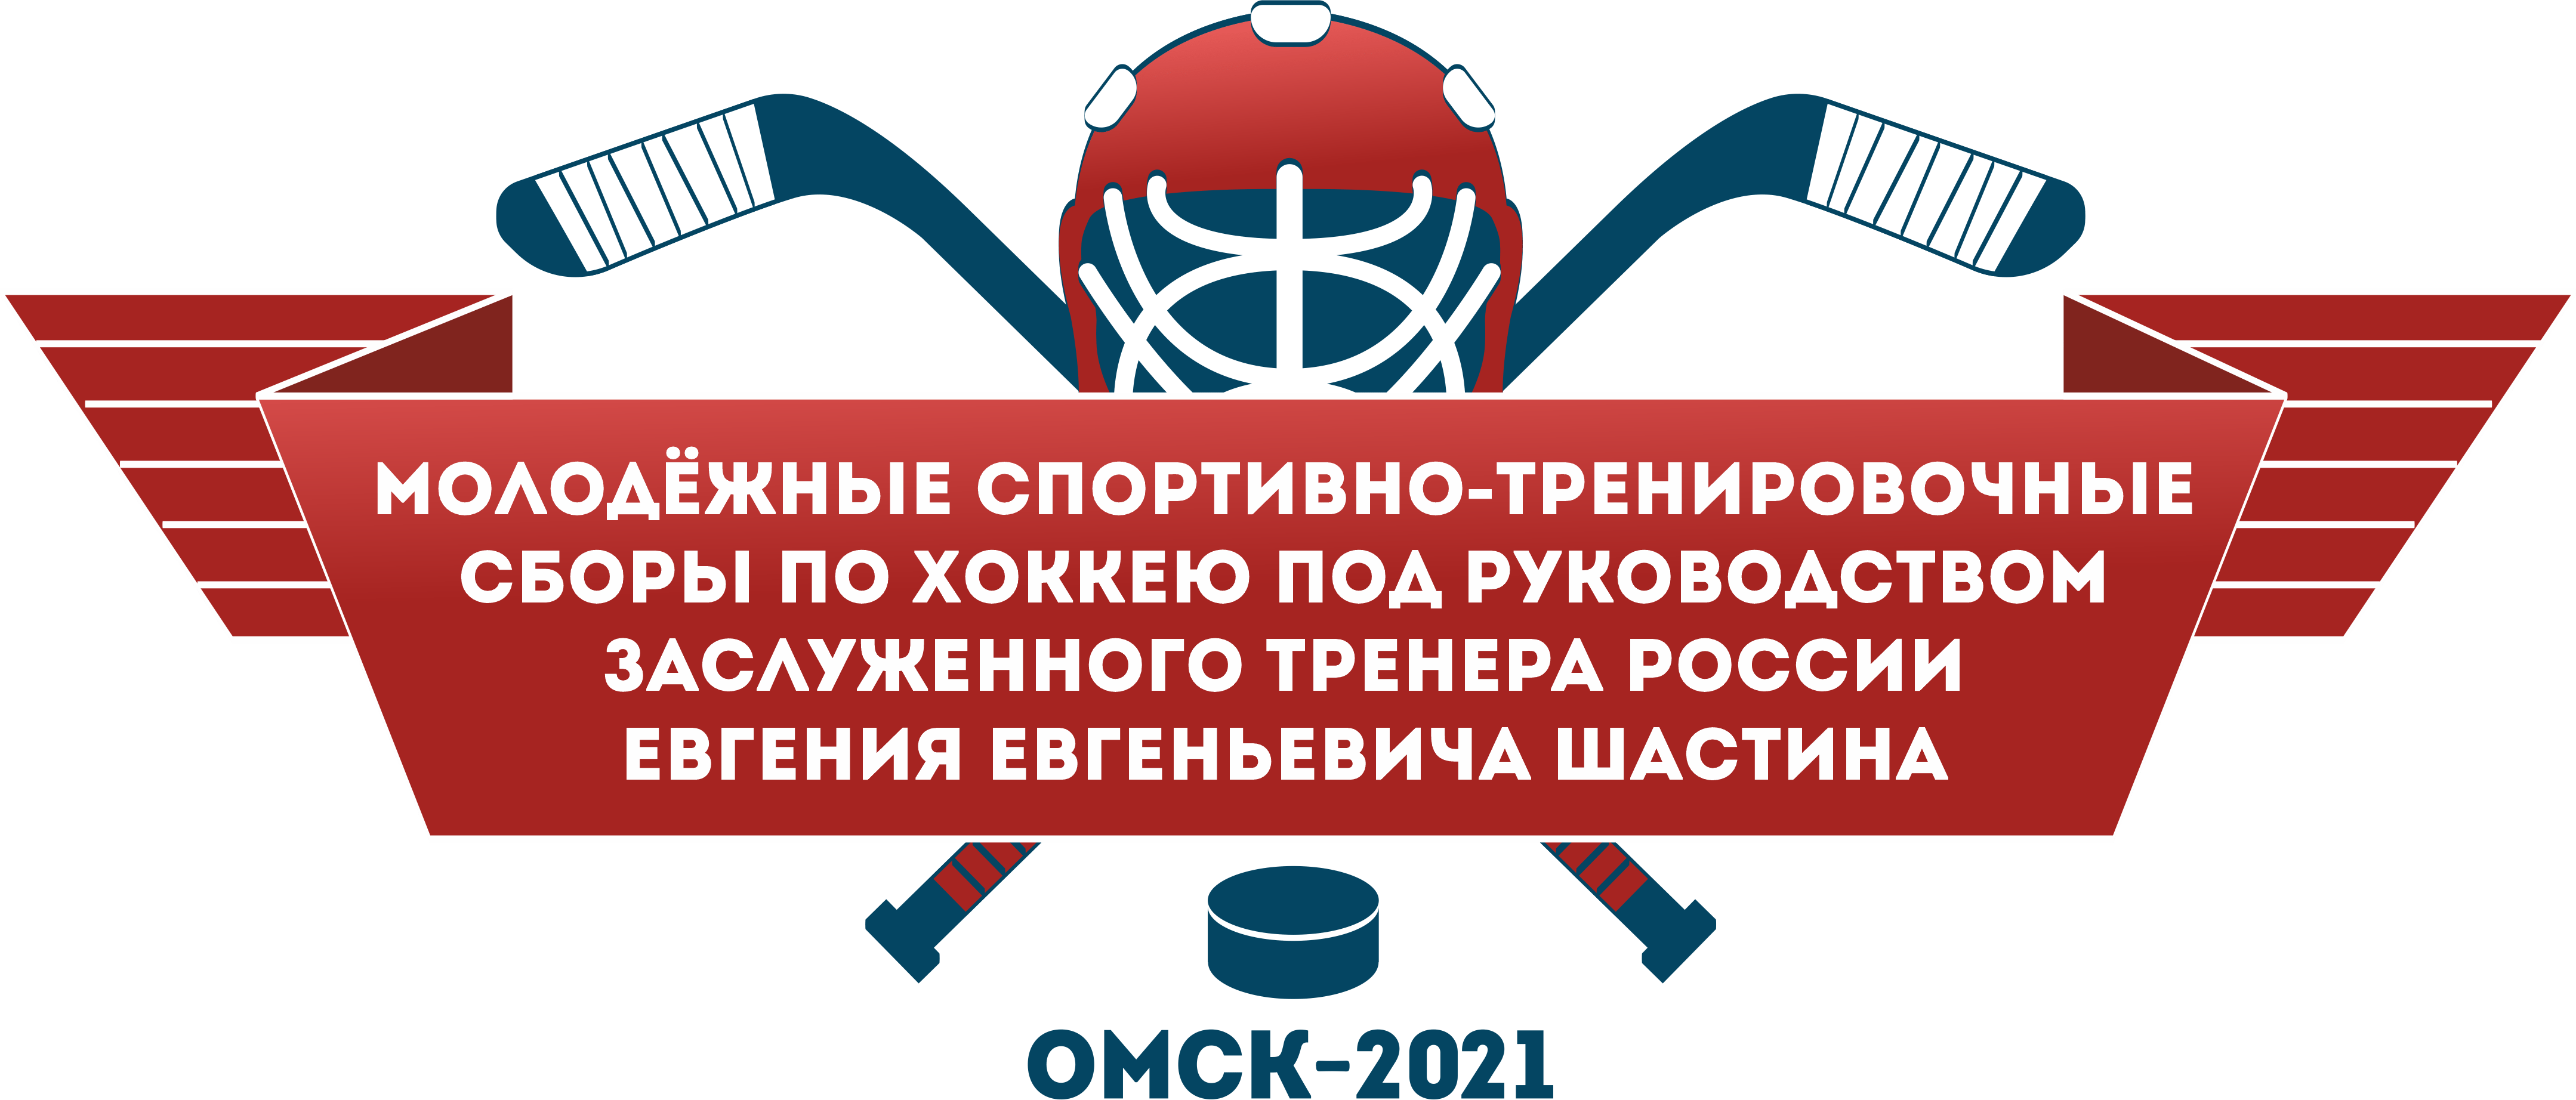 Молодёжные спортивно-тренировочные сборы по хоккею под руководством ЗТР  Е.Е.Шастина-2021